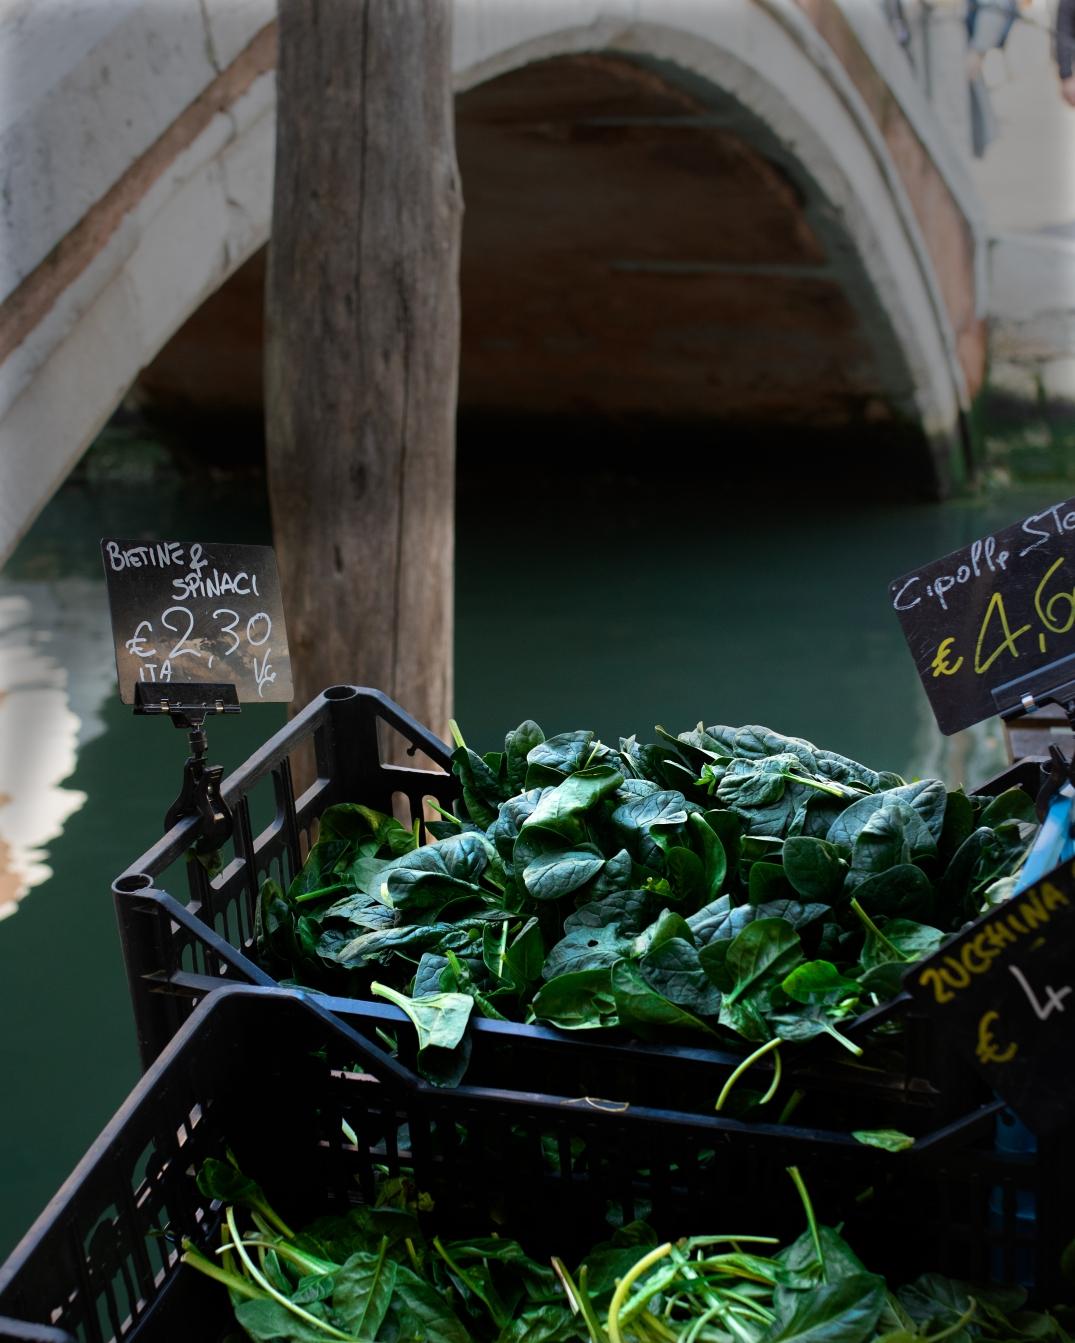 venedig spinat markt